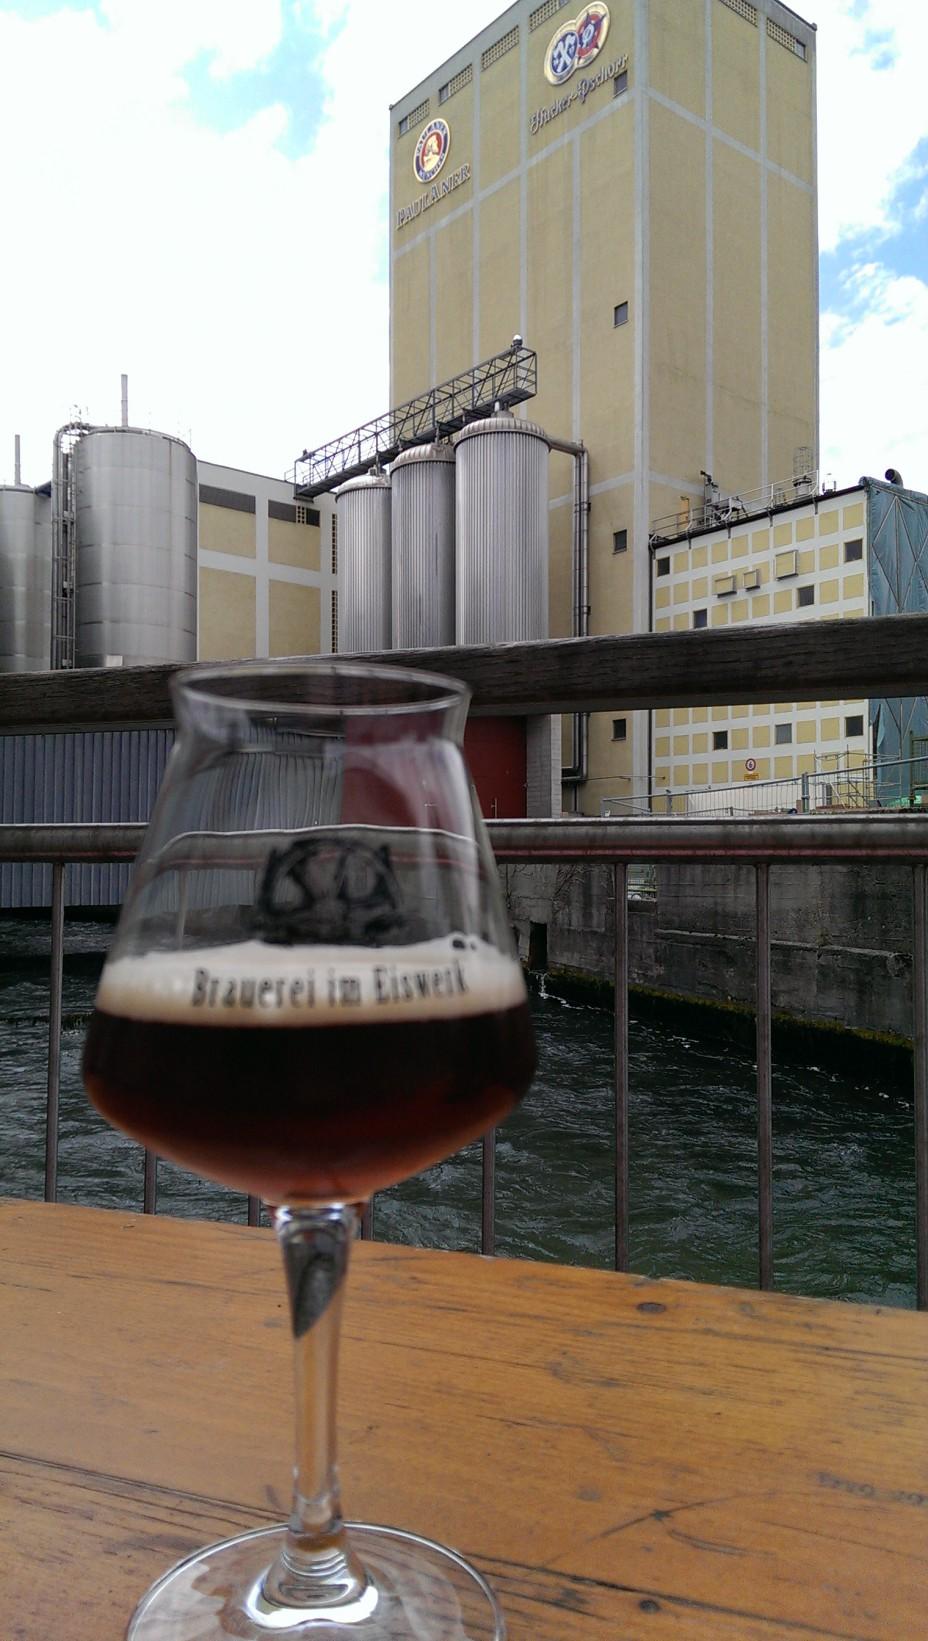 Schön: Direkt an einem Nebenfluss der Isar am Wasser, die (bald ehemalige) Paulaner Brauerei im Hintergrund.